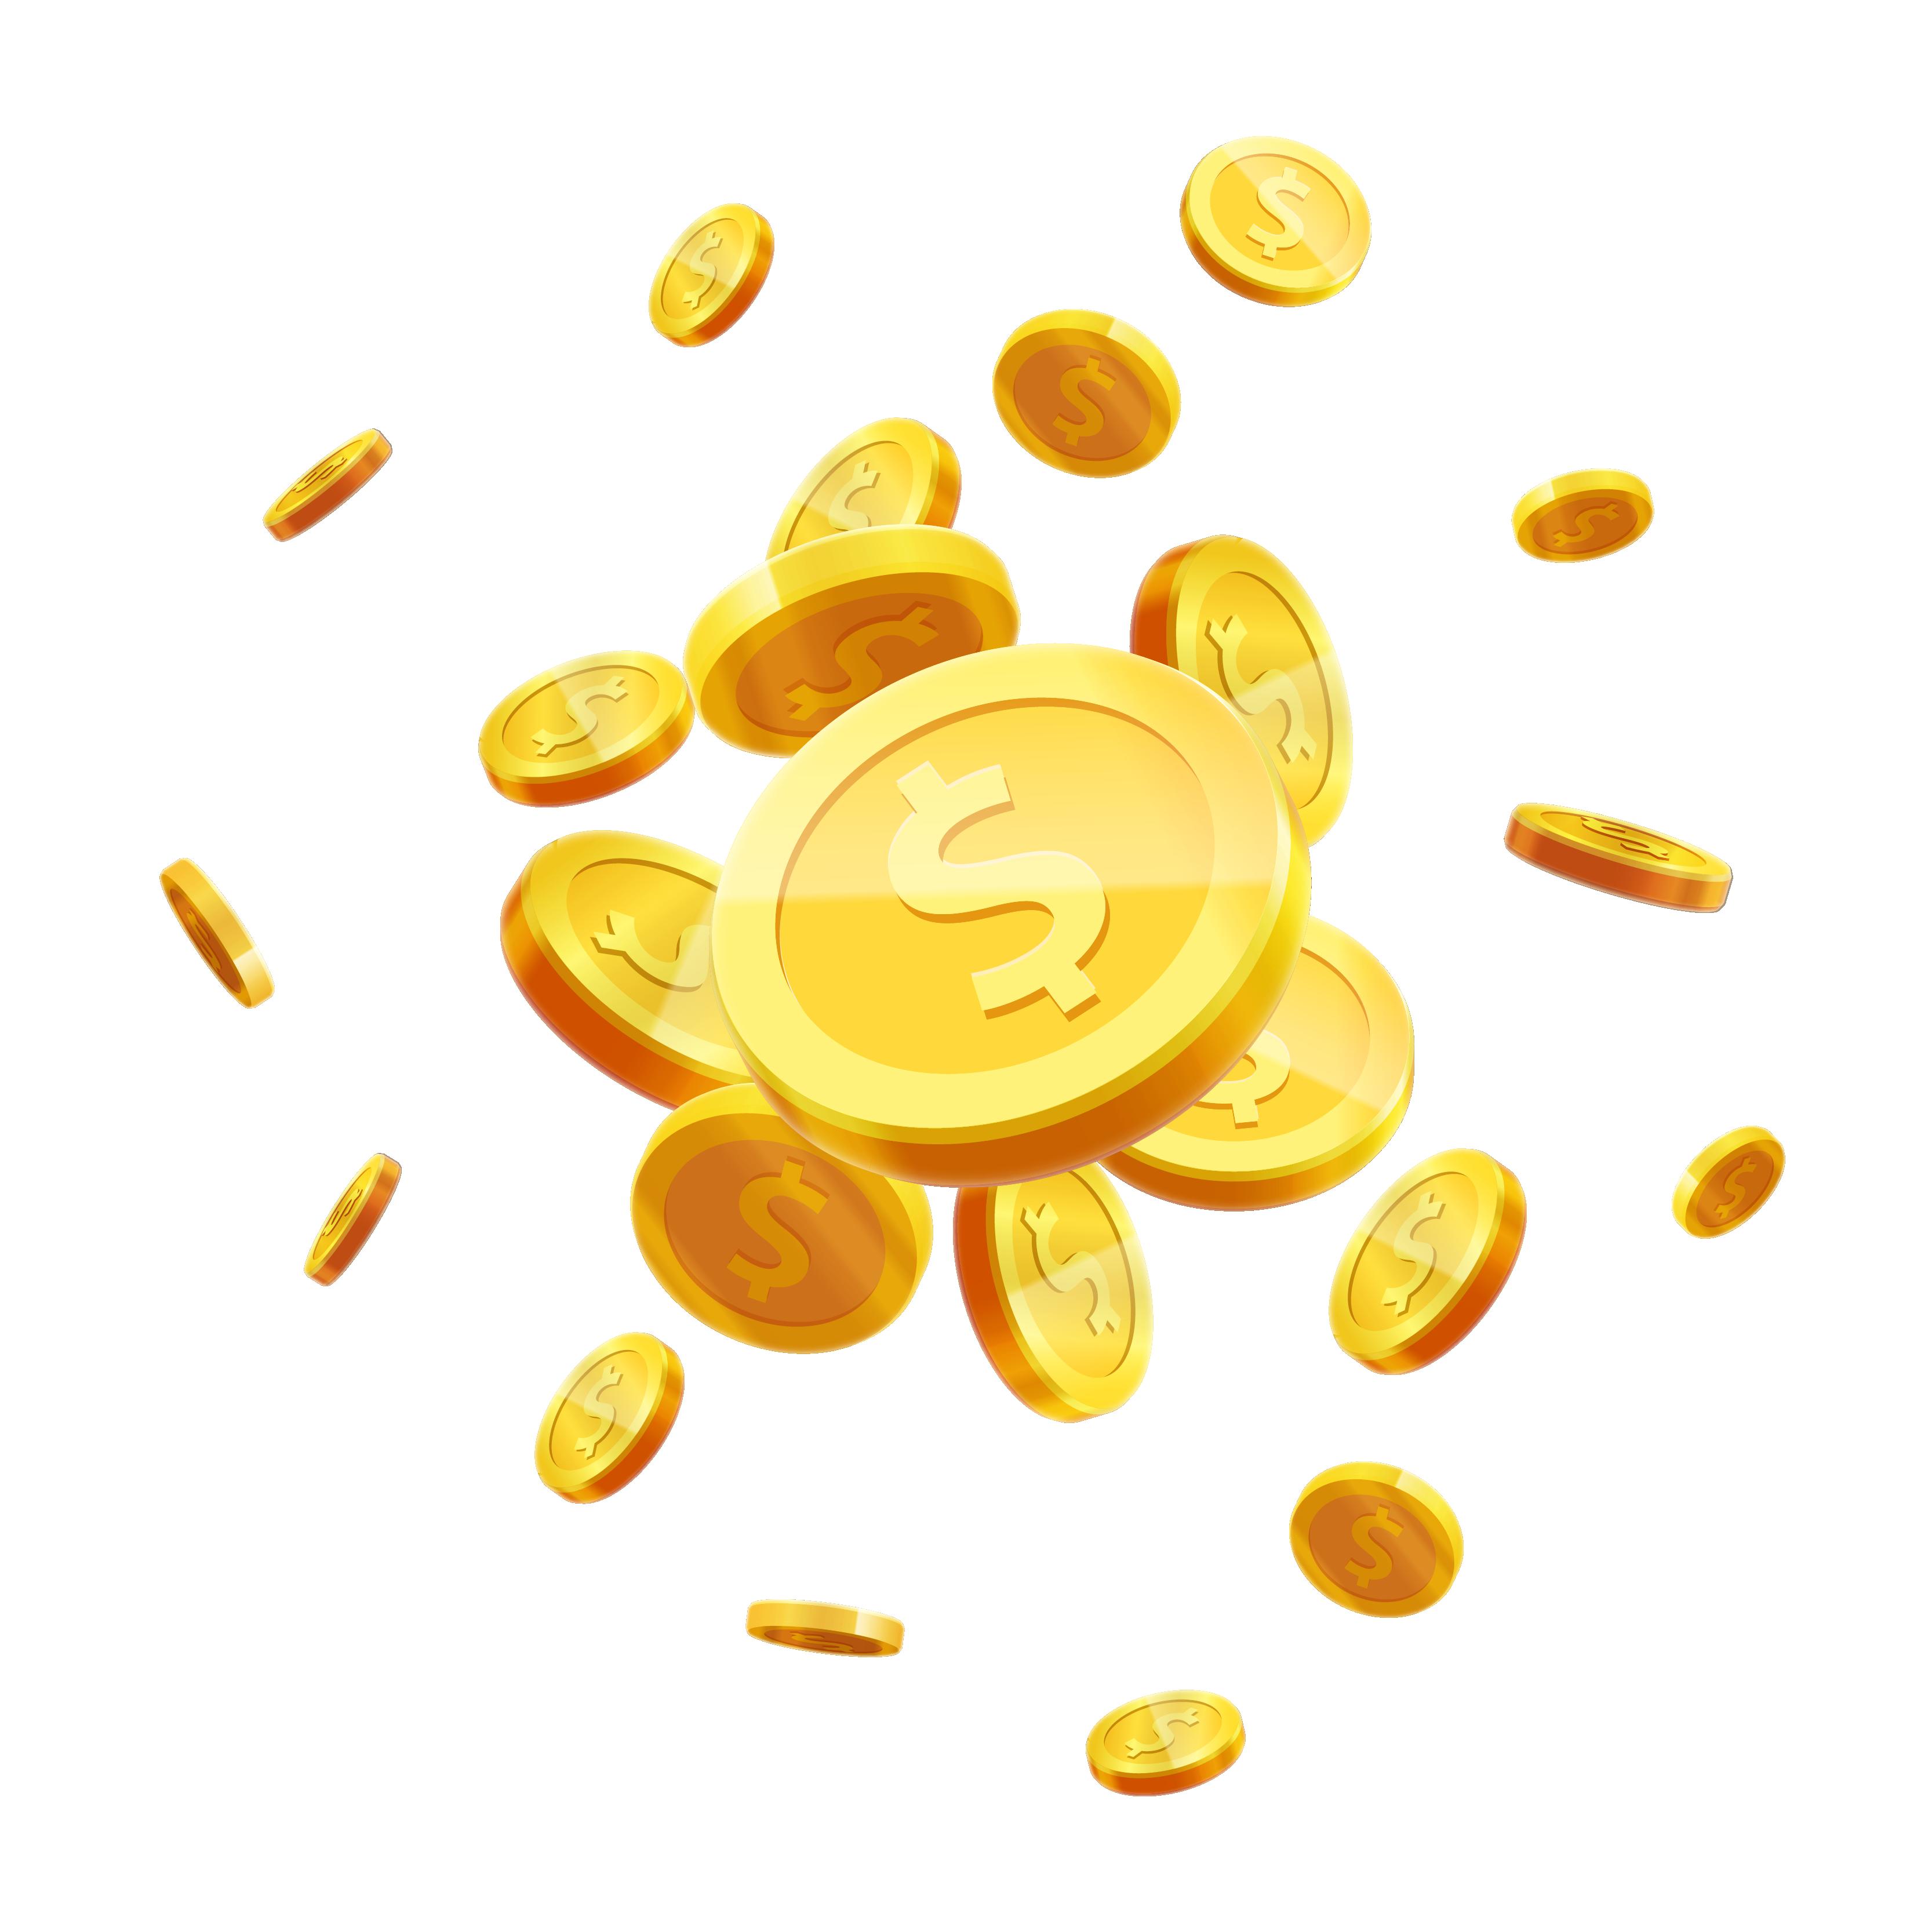 Kultakolikon osto ja myynti - mitä tulee tietää?